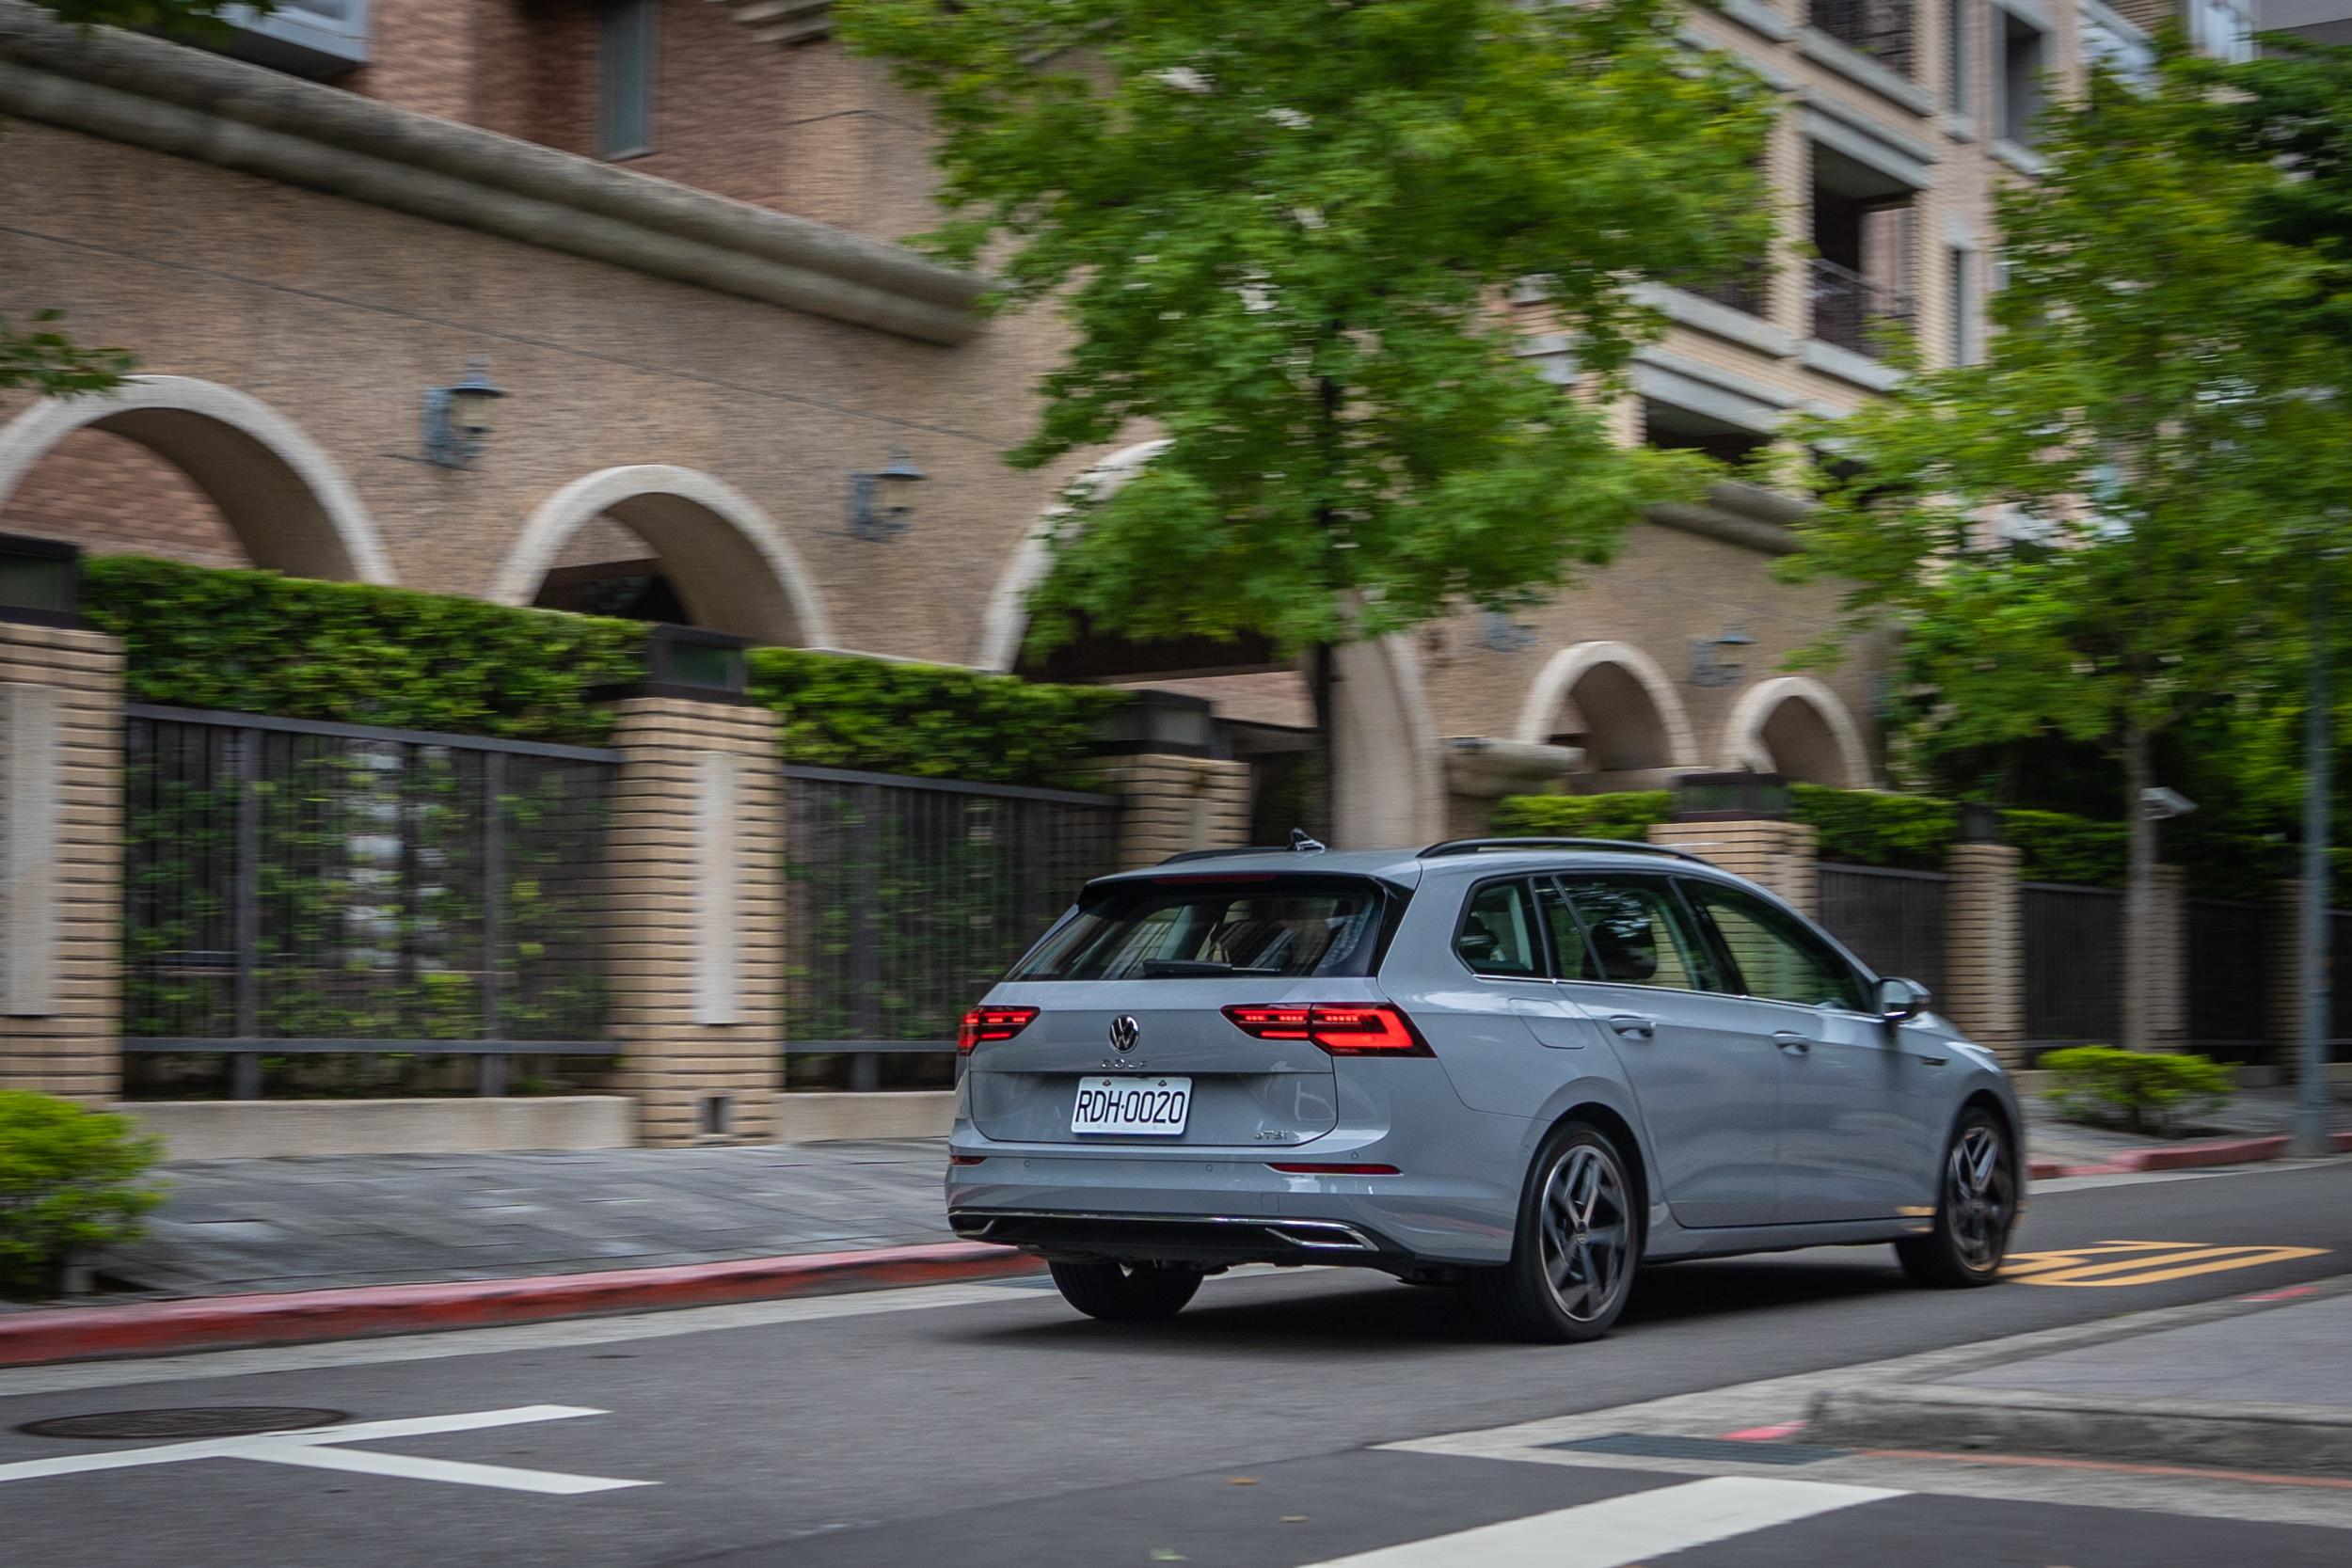 受惠於 48V 輕油電動力系統與 ACT 主動式汽缸休止管理系統的加持,讓官方平均油耗可達 18.2km/L 的優異水準。